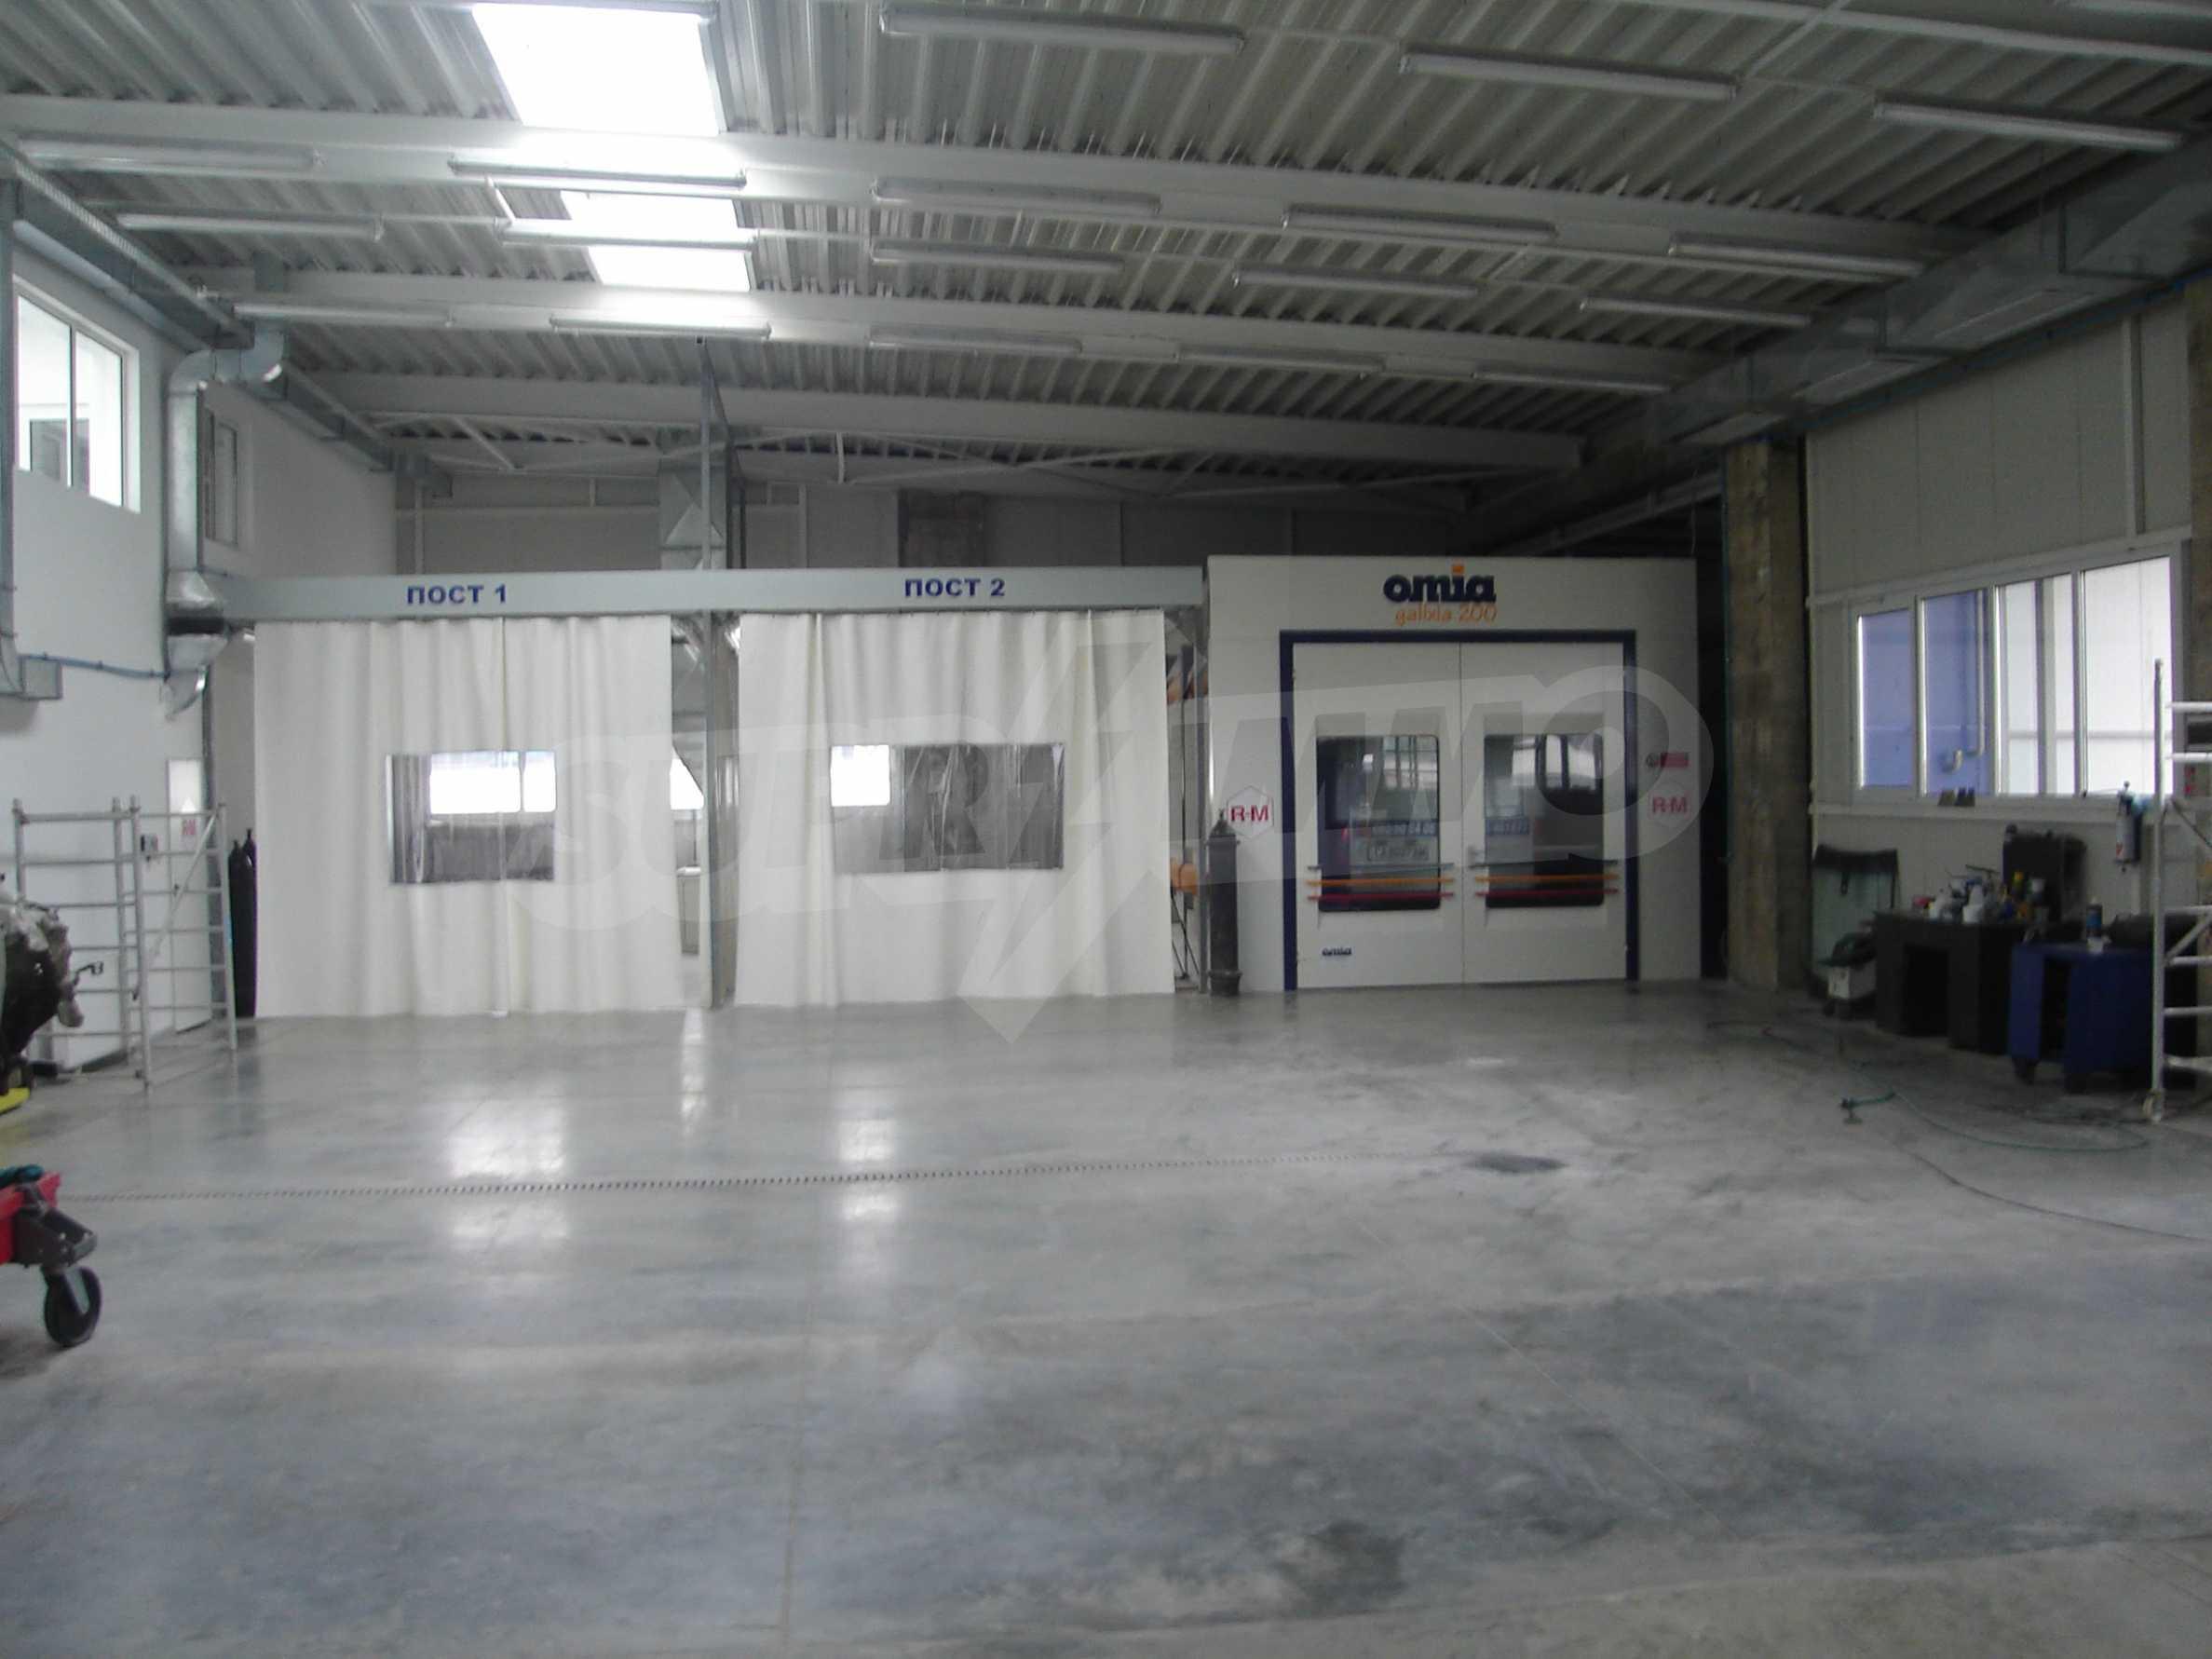 Gewerbe- und Dienstleistungskomplex im Stadtteil Mladost 2